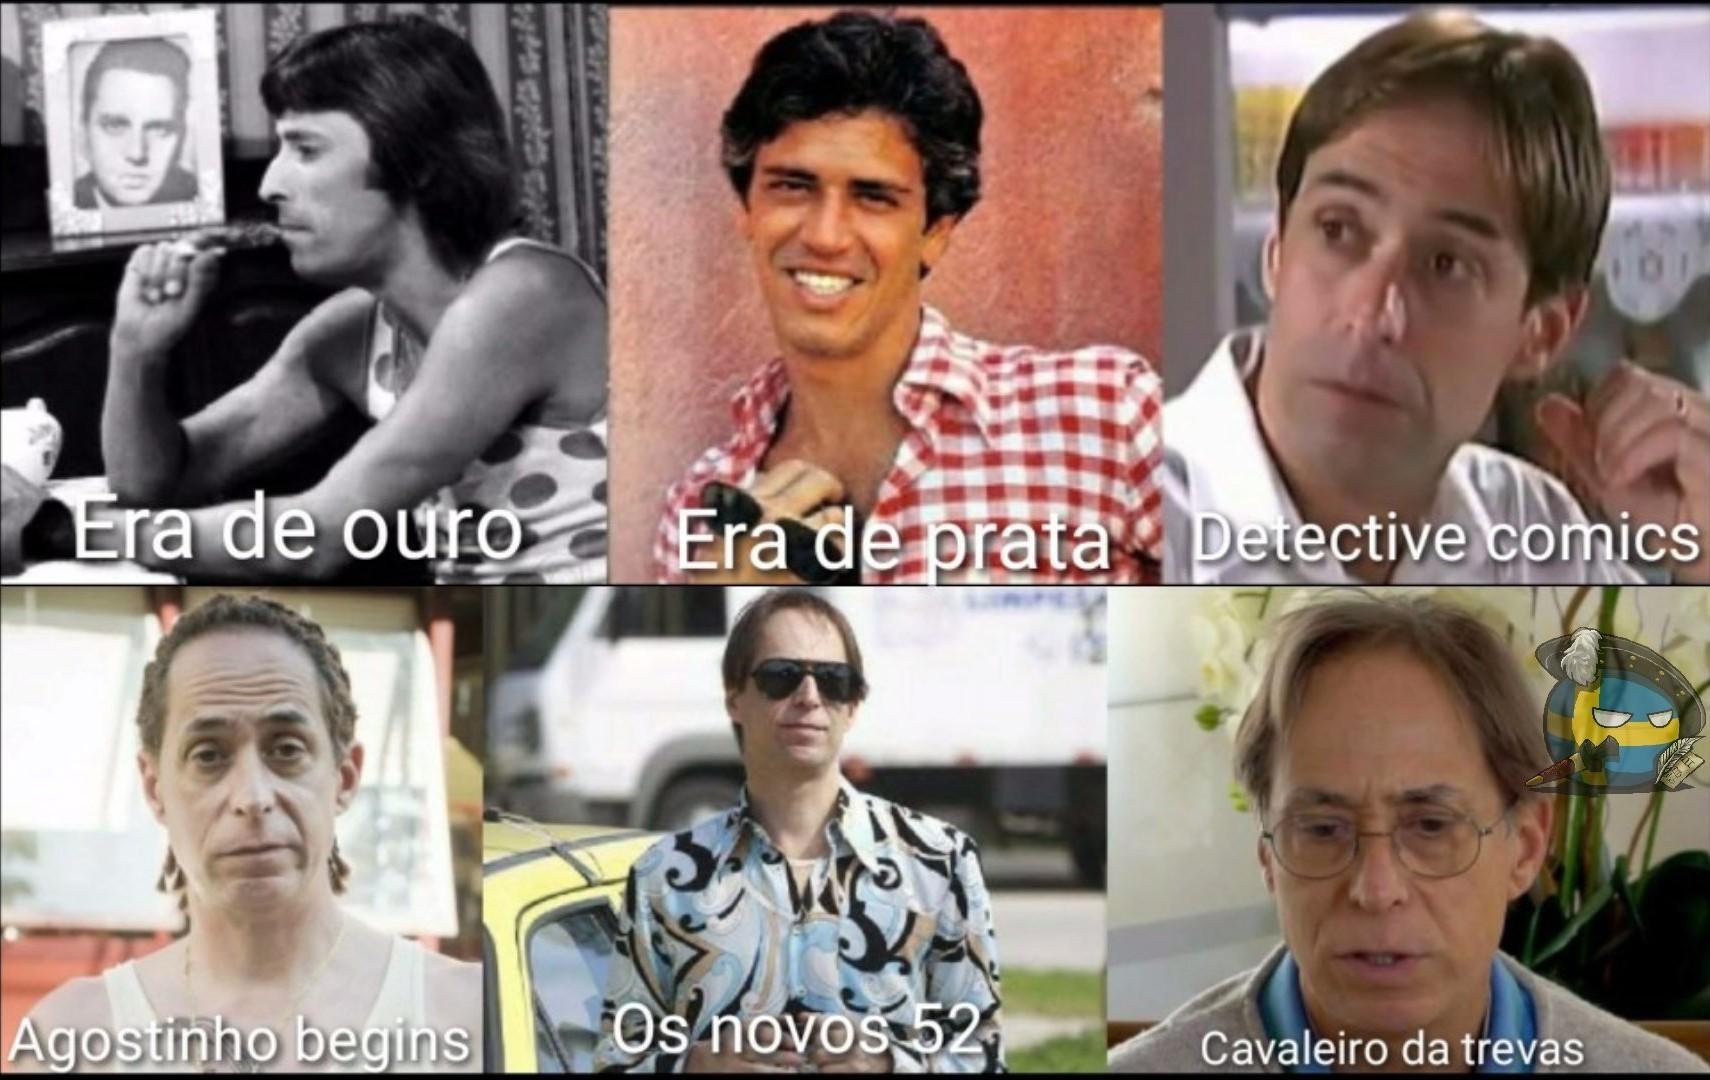 Taxi Carrara ou Carrara taxi - meme